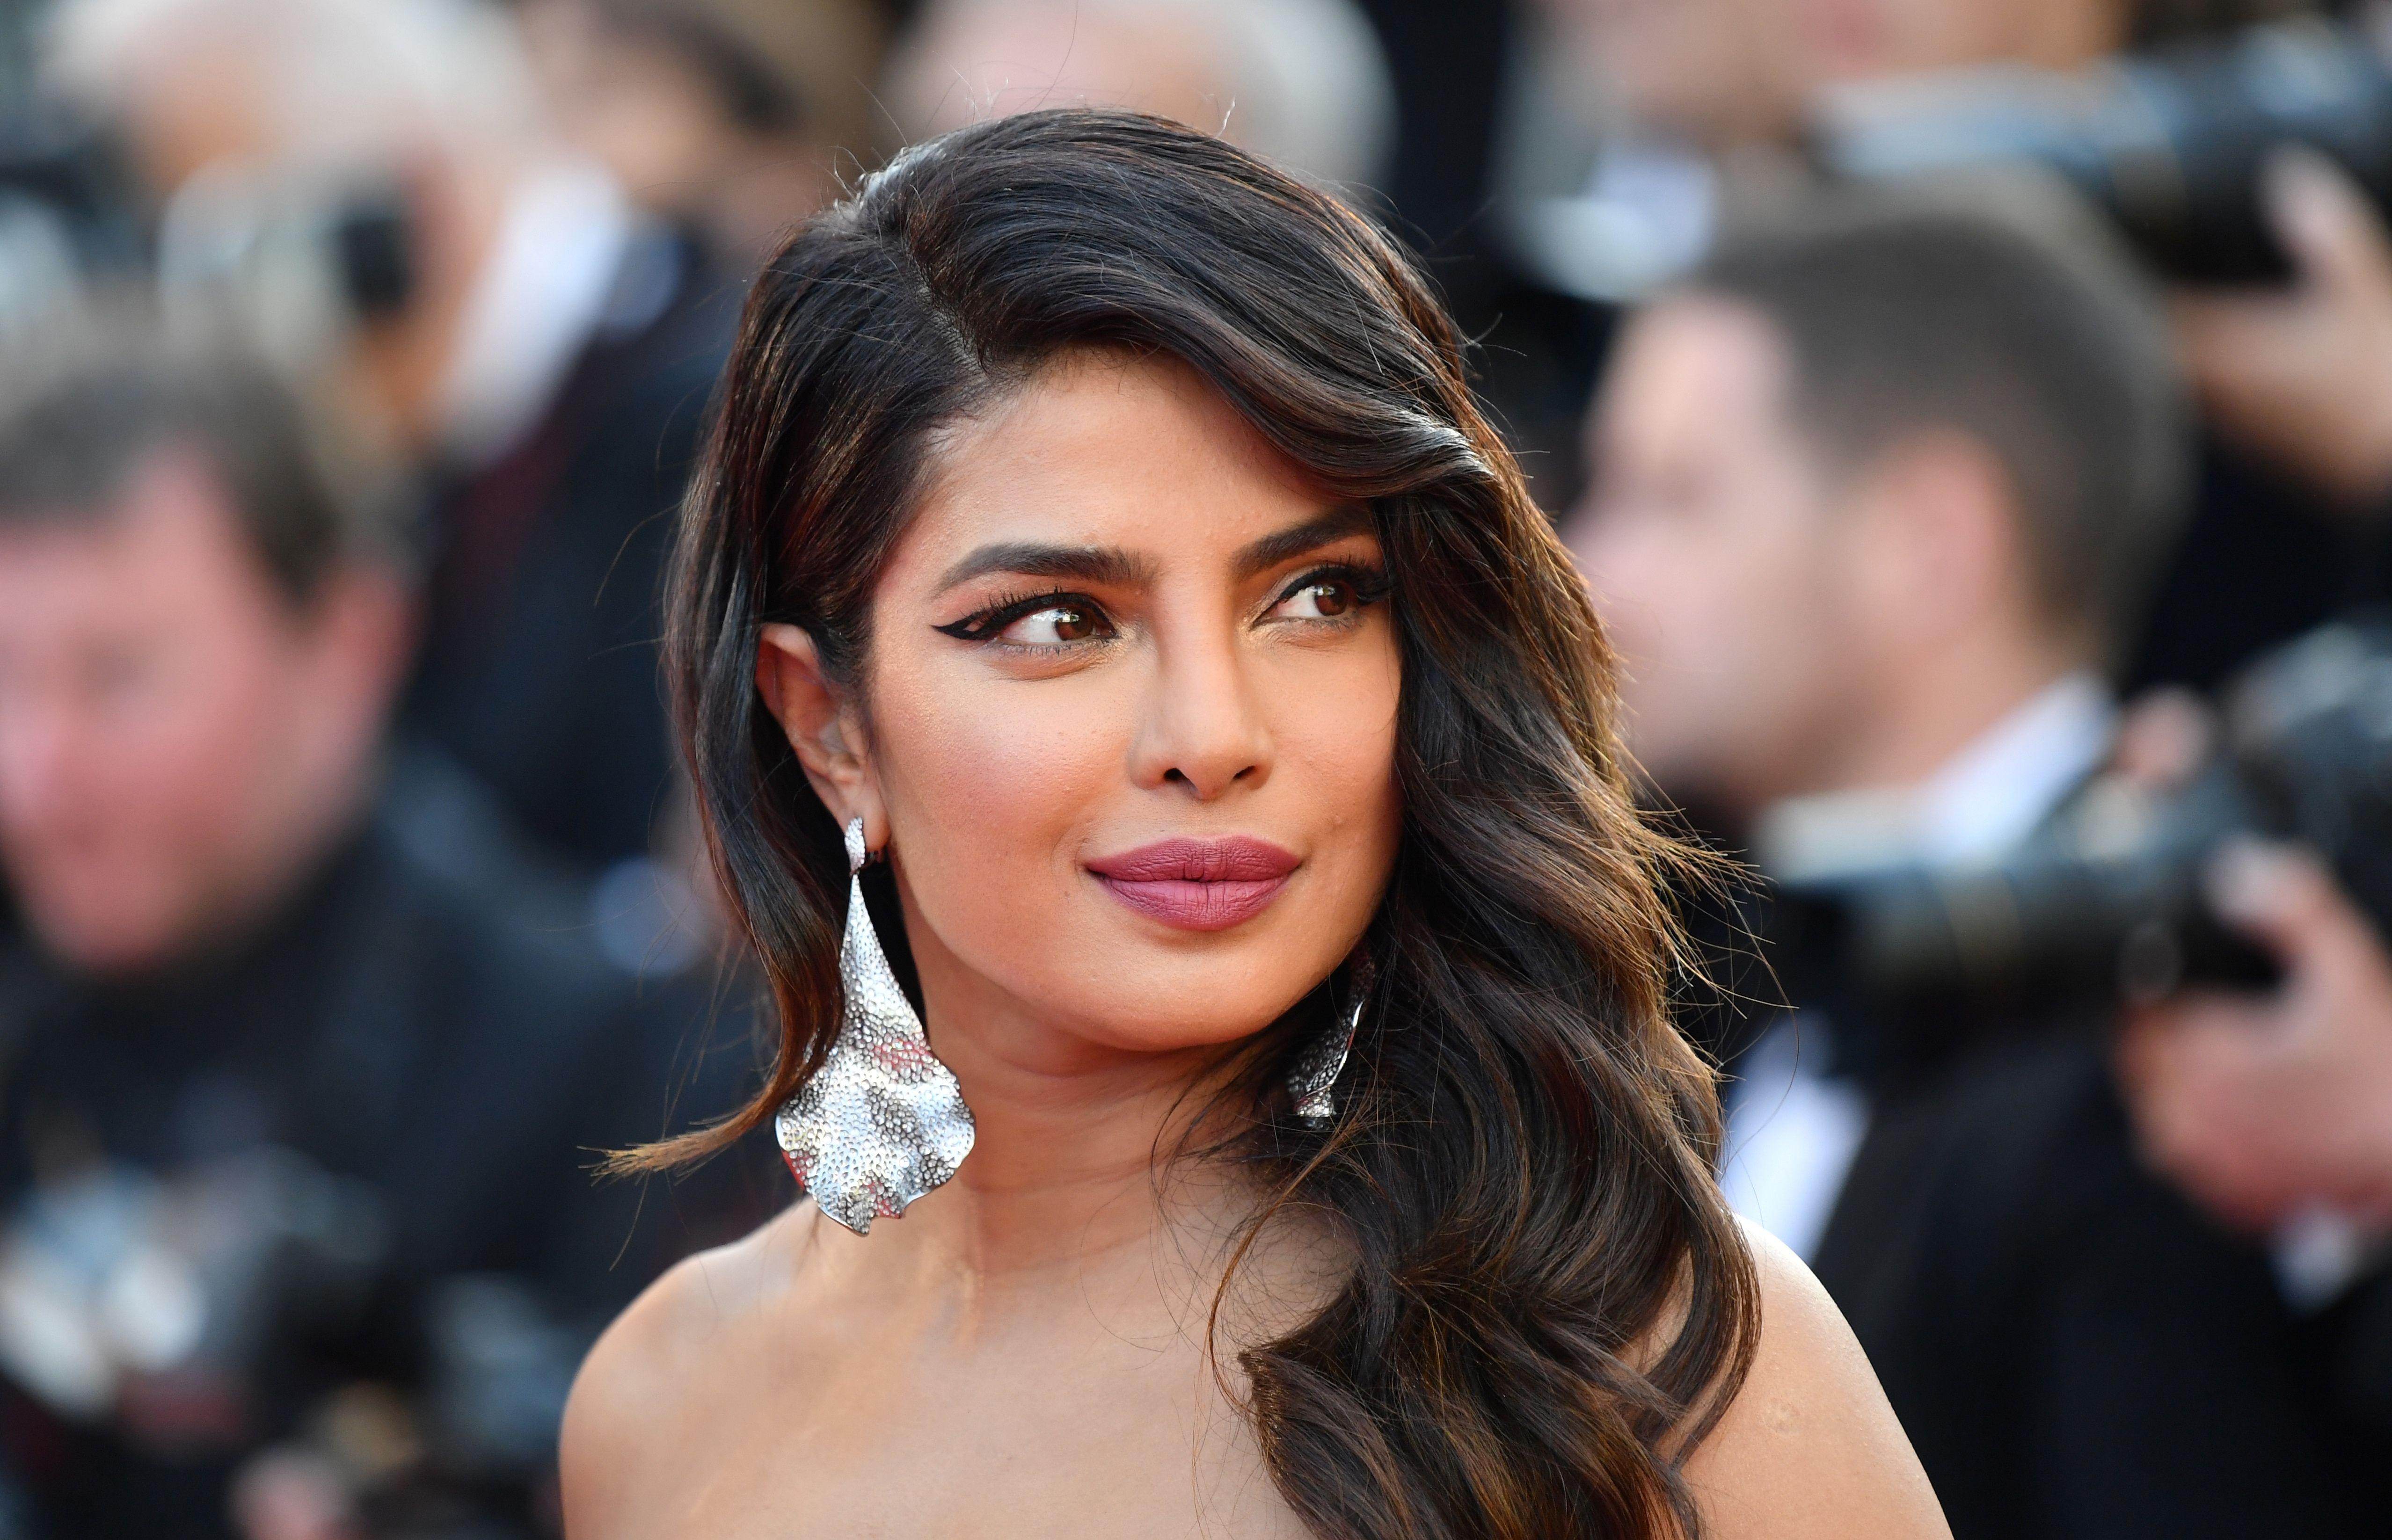 My quest Priyanka Chopra brings Bollywood to Toronto 5112x3292